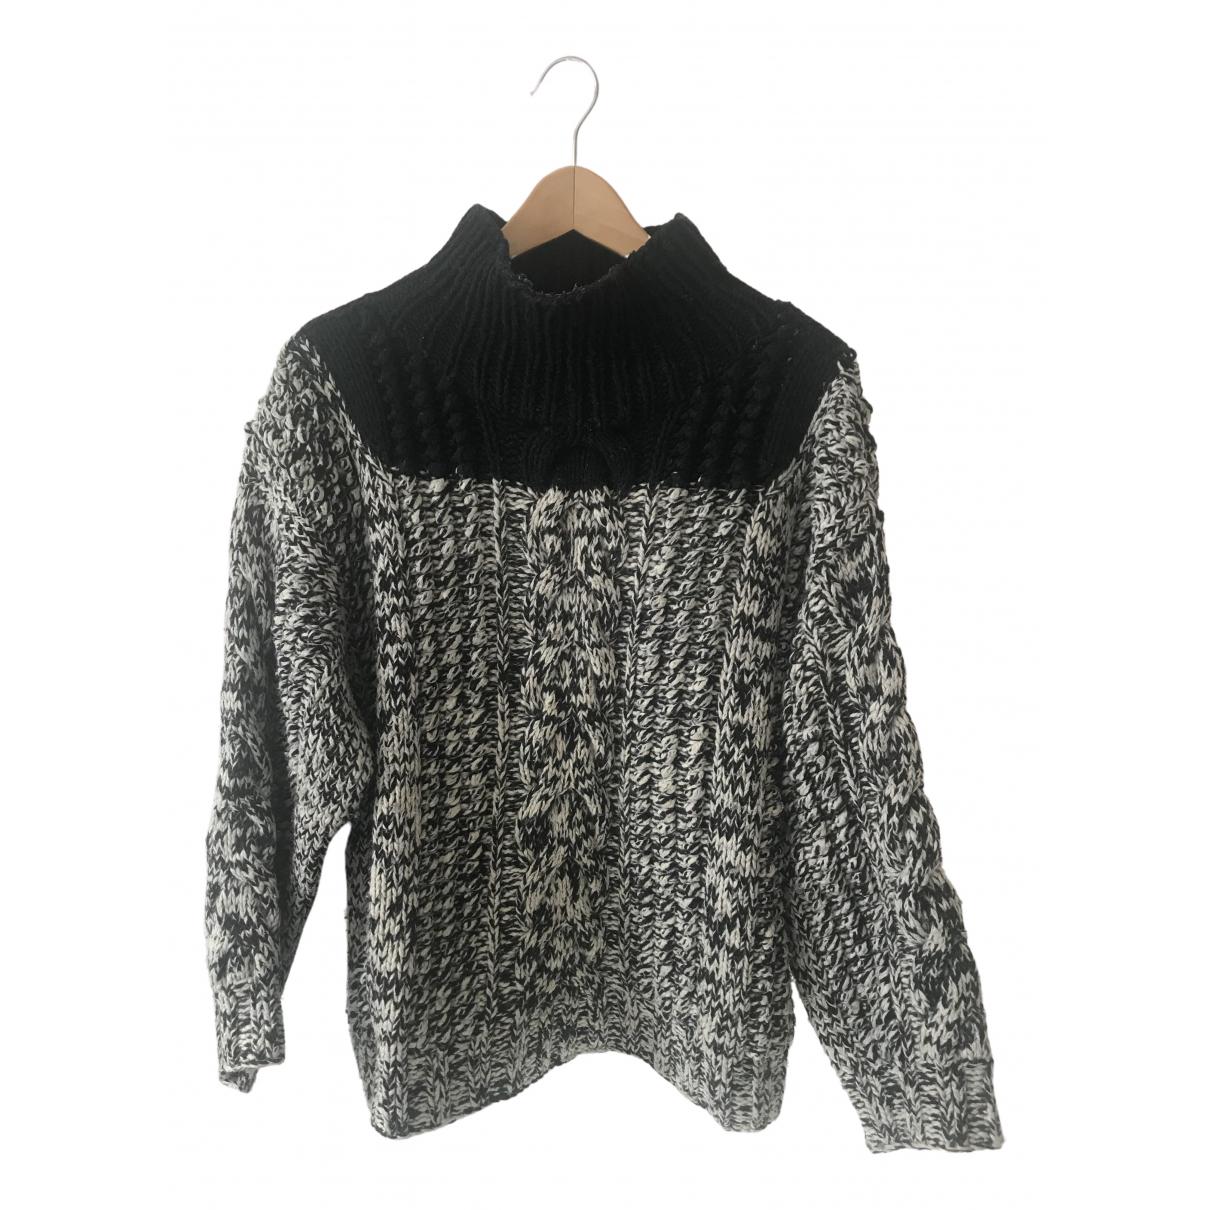 Dries Van Noten \N Pullover in  Schwarz Wolle